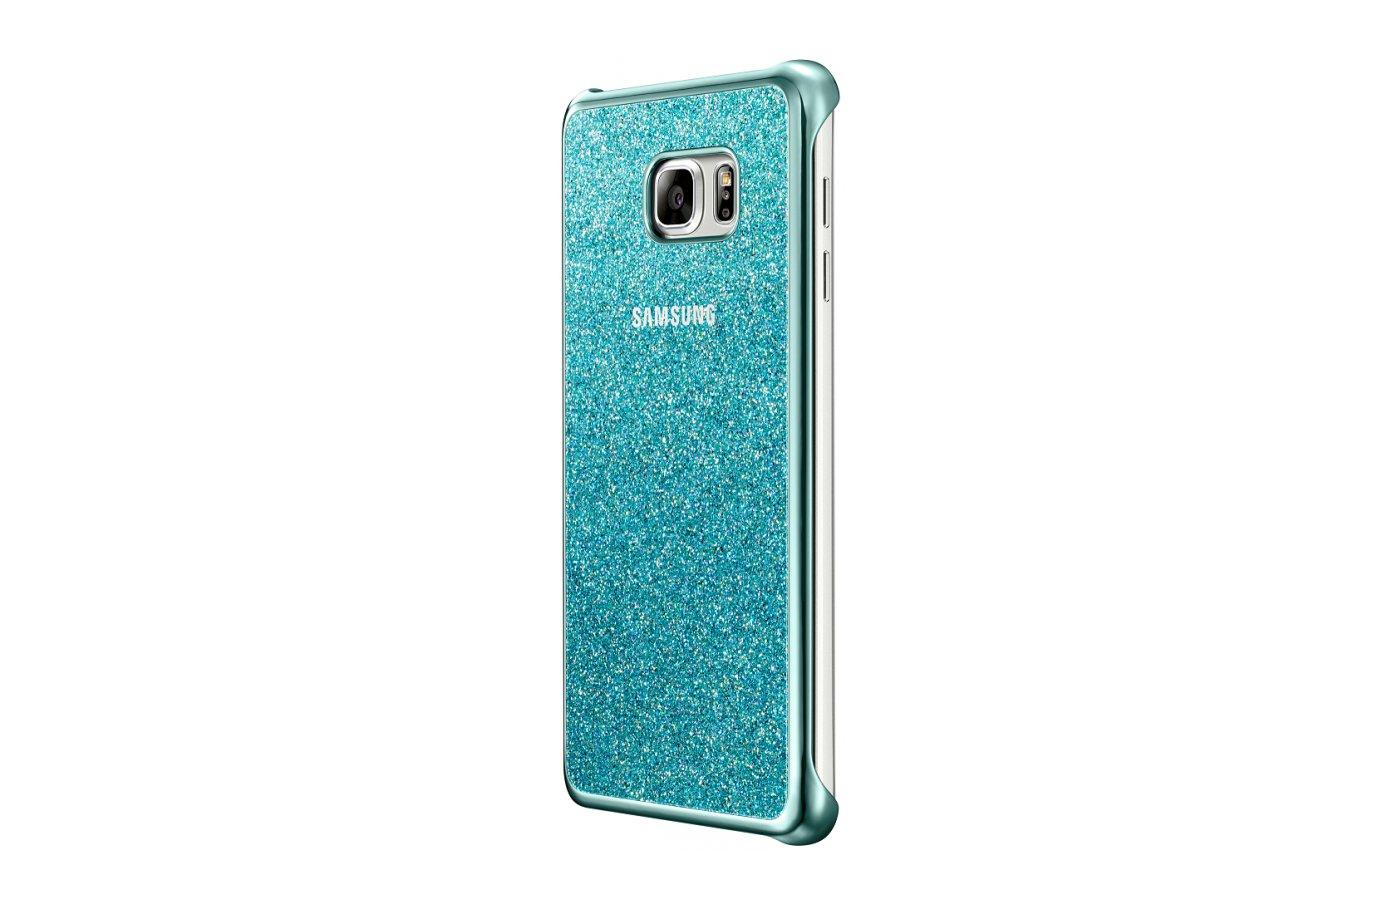 Чехол Samsung GliCover для Galaxy Note 5 (SM-N920) (EF-XN920CLEGRU) синий